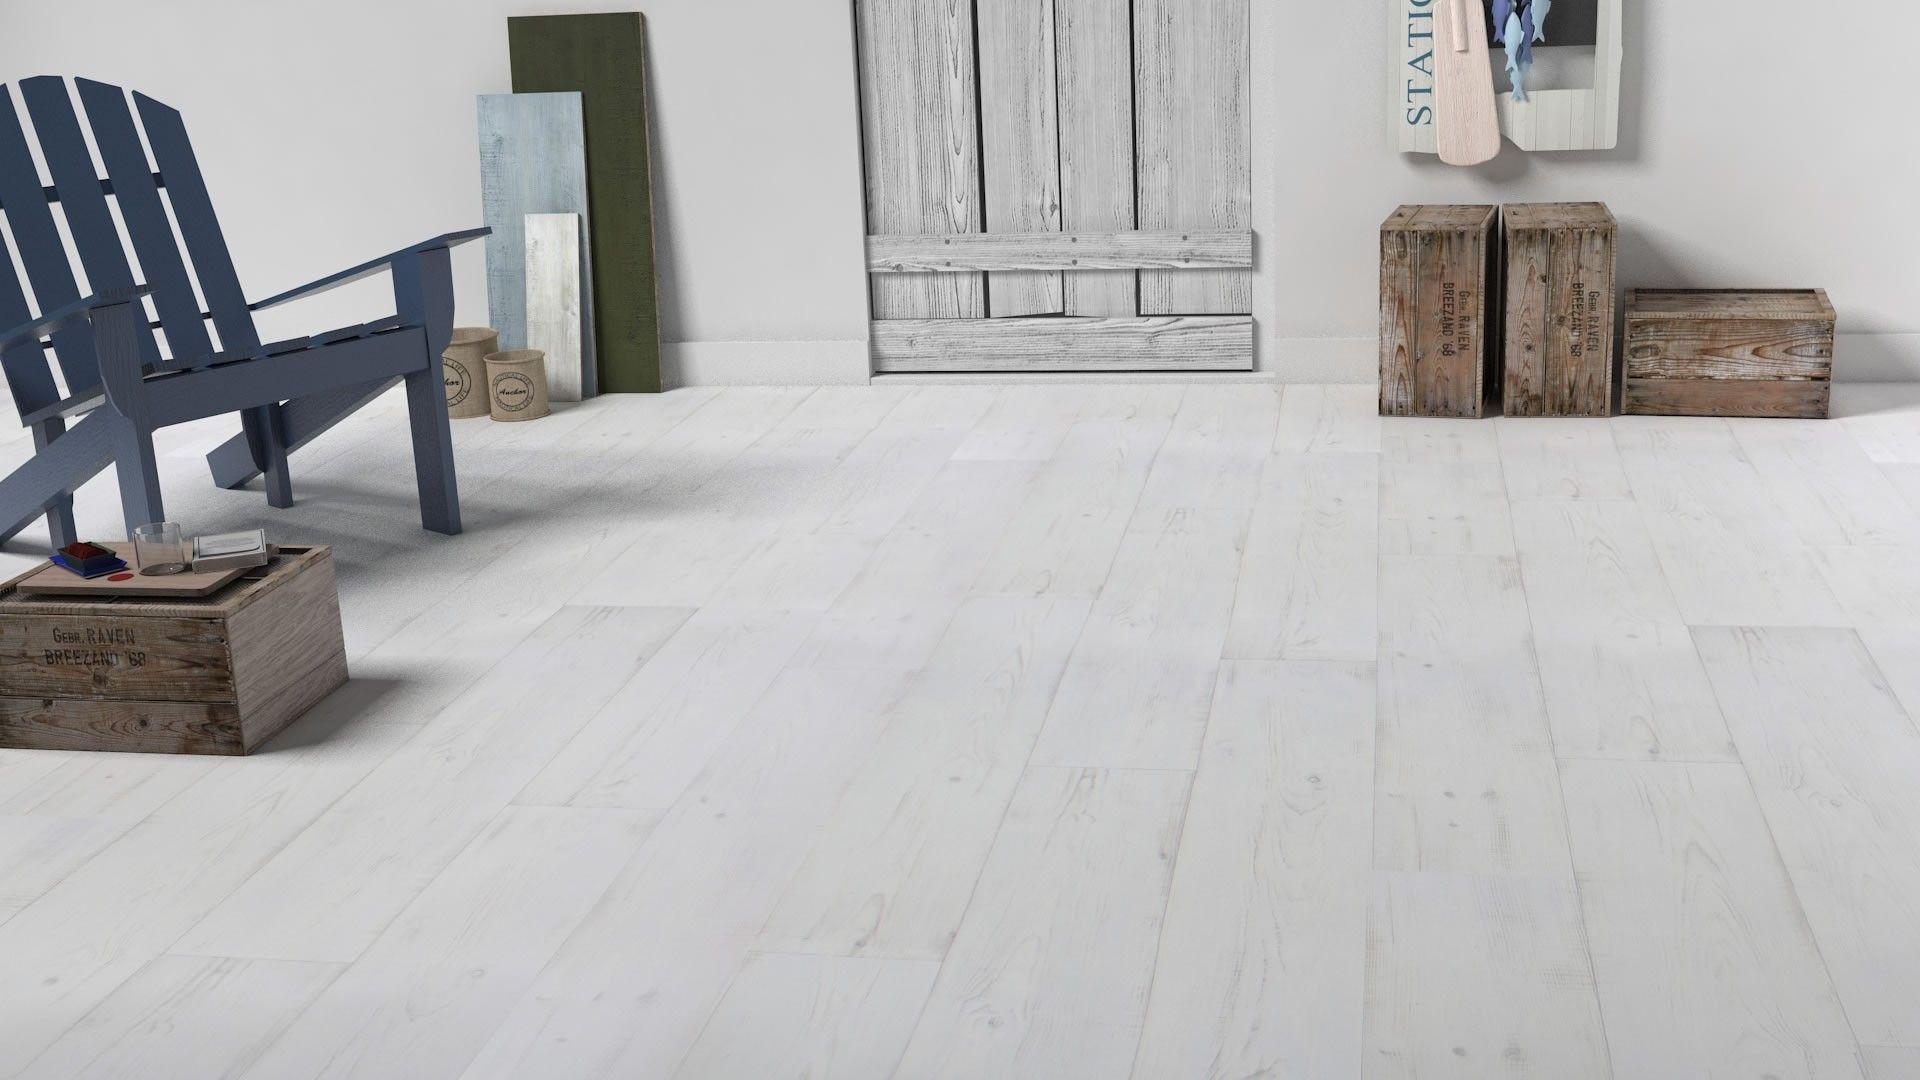 Sol Vinyle Imitation Bois Peint Blanc Texline 2M Keywest ... dedans Parquet Stratifié Blanc Vieilli